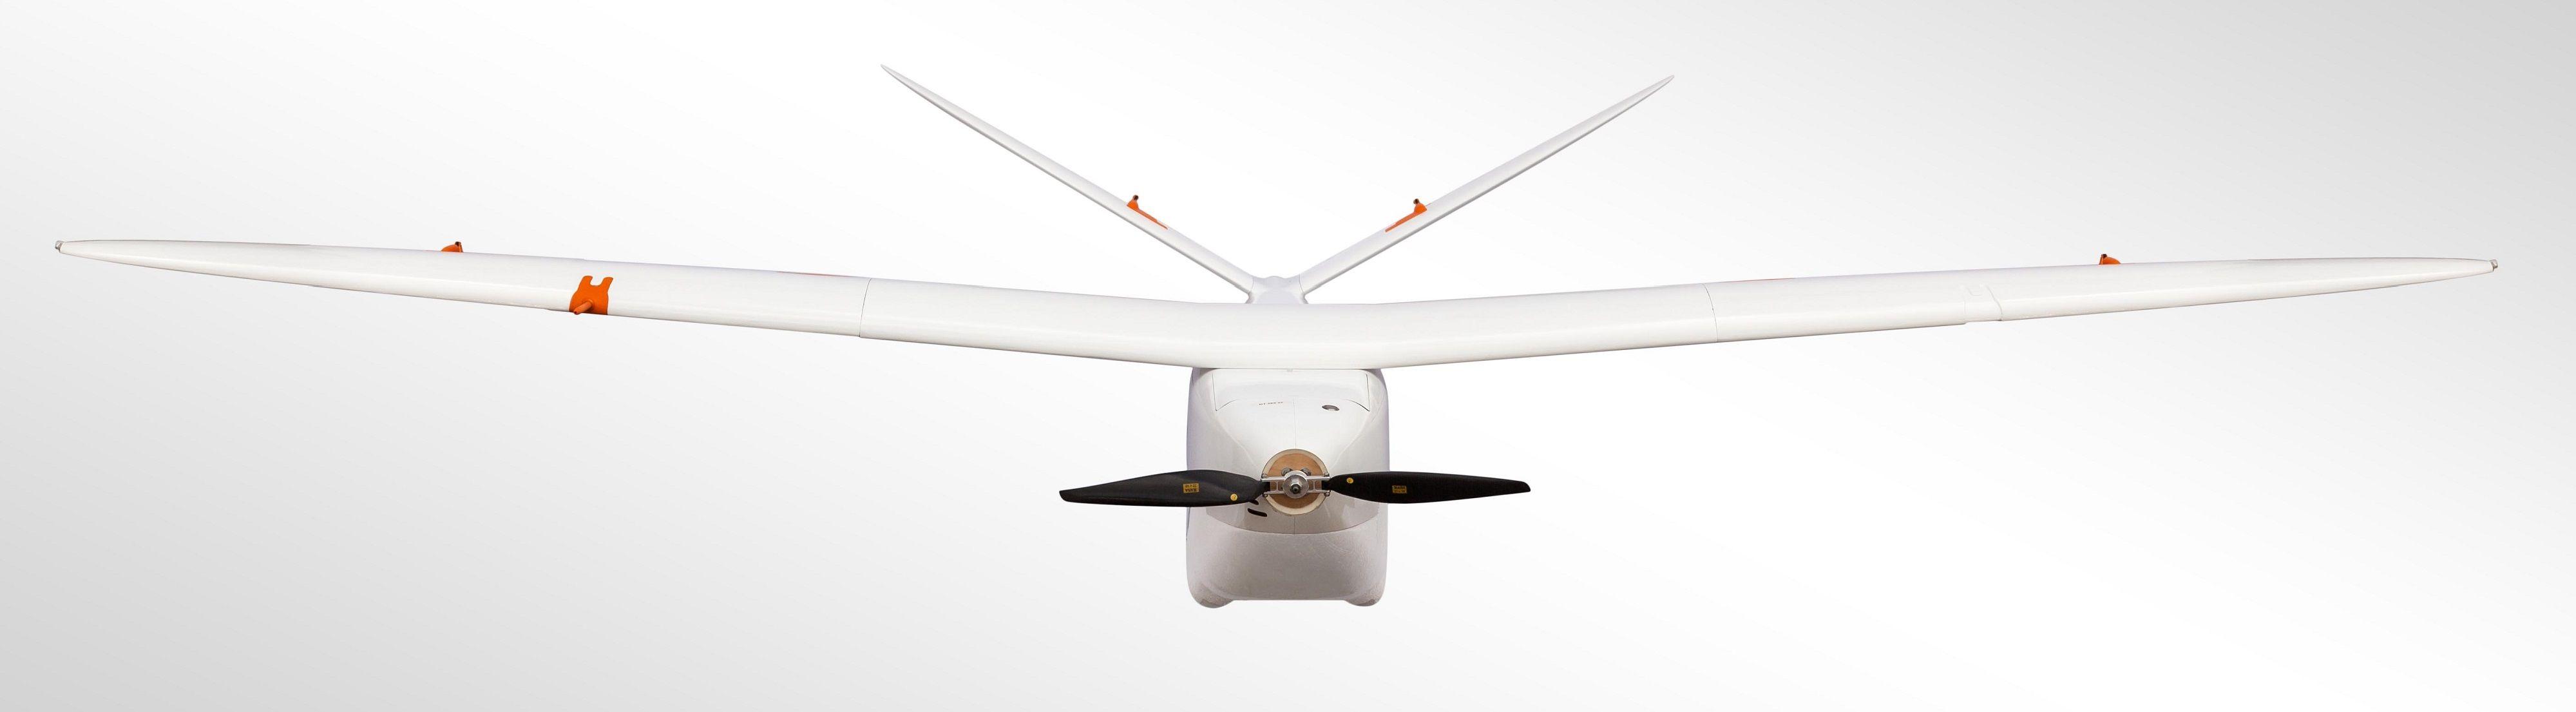 Delair-Tech long range UAV DT26X